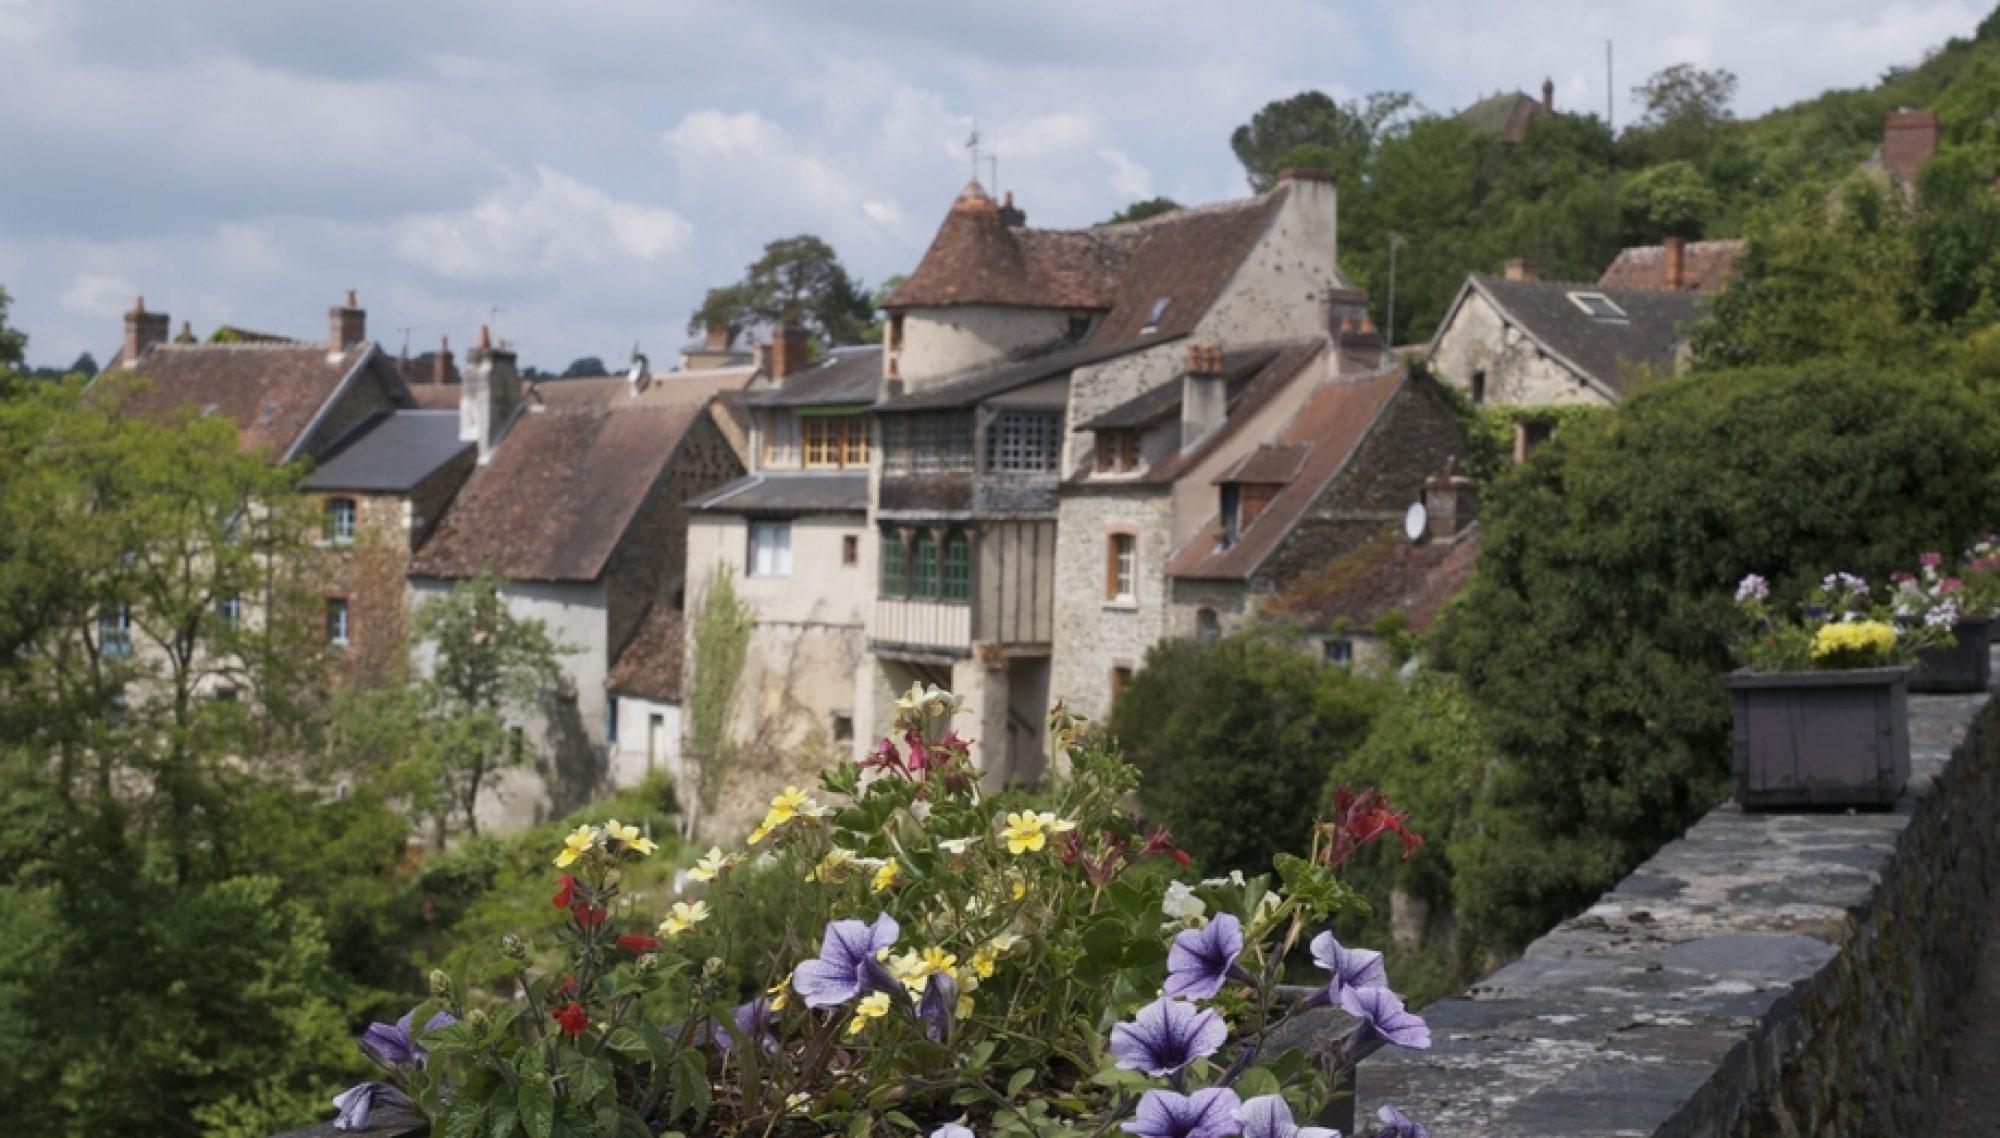 Gargilesse-Dampierre en Berry, classé parmi les plus beaux villages de France